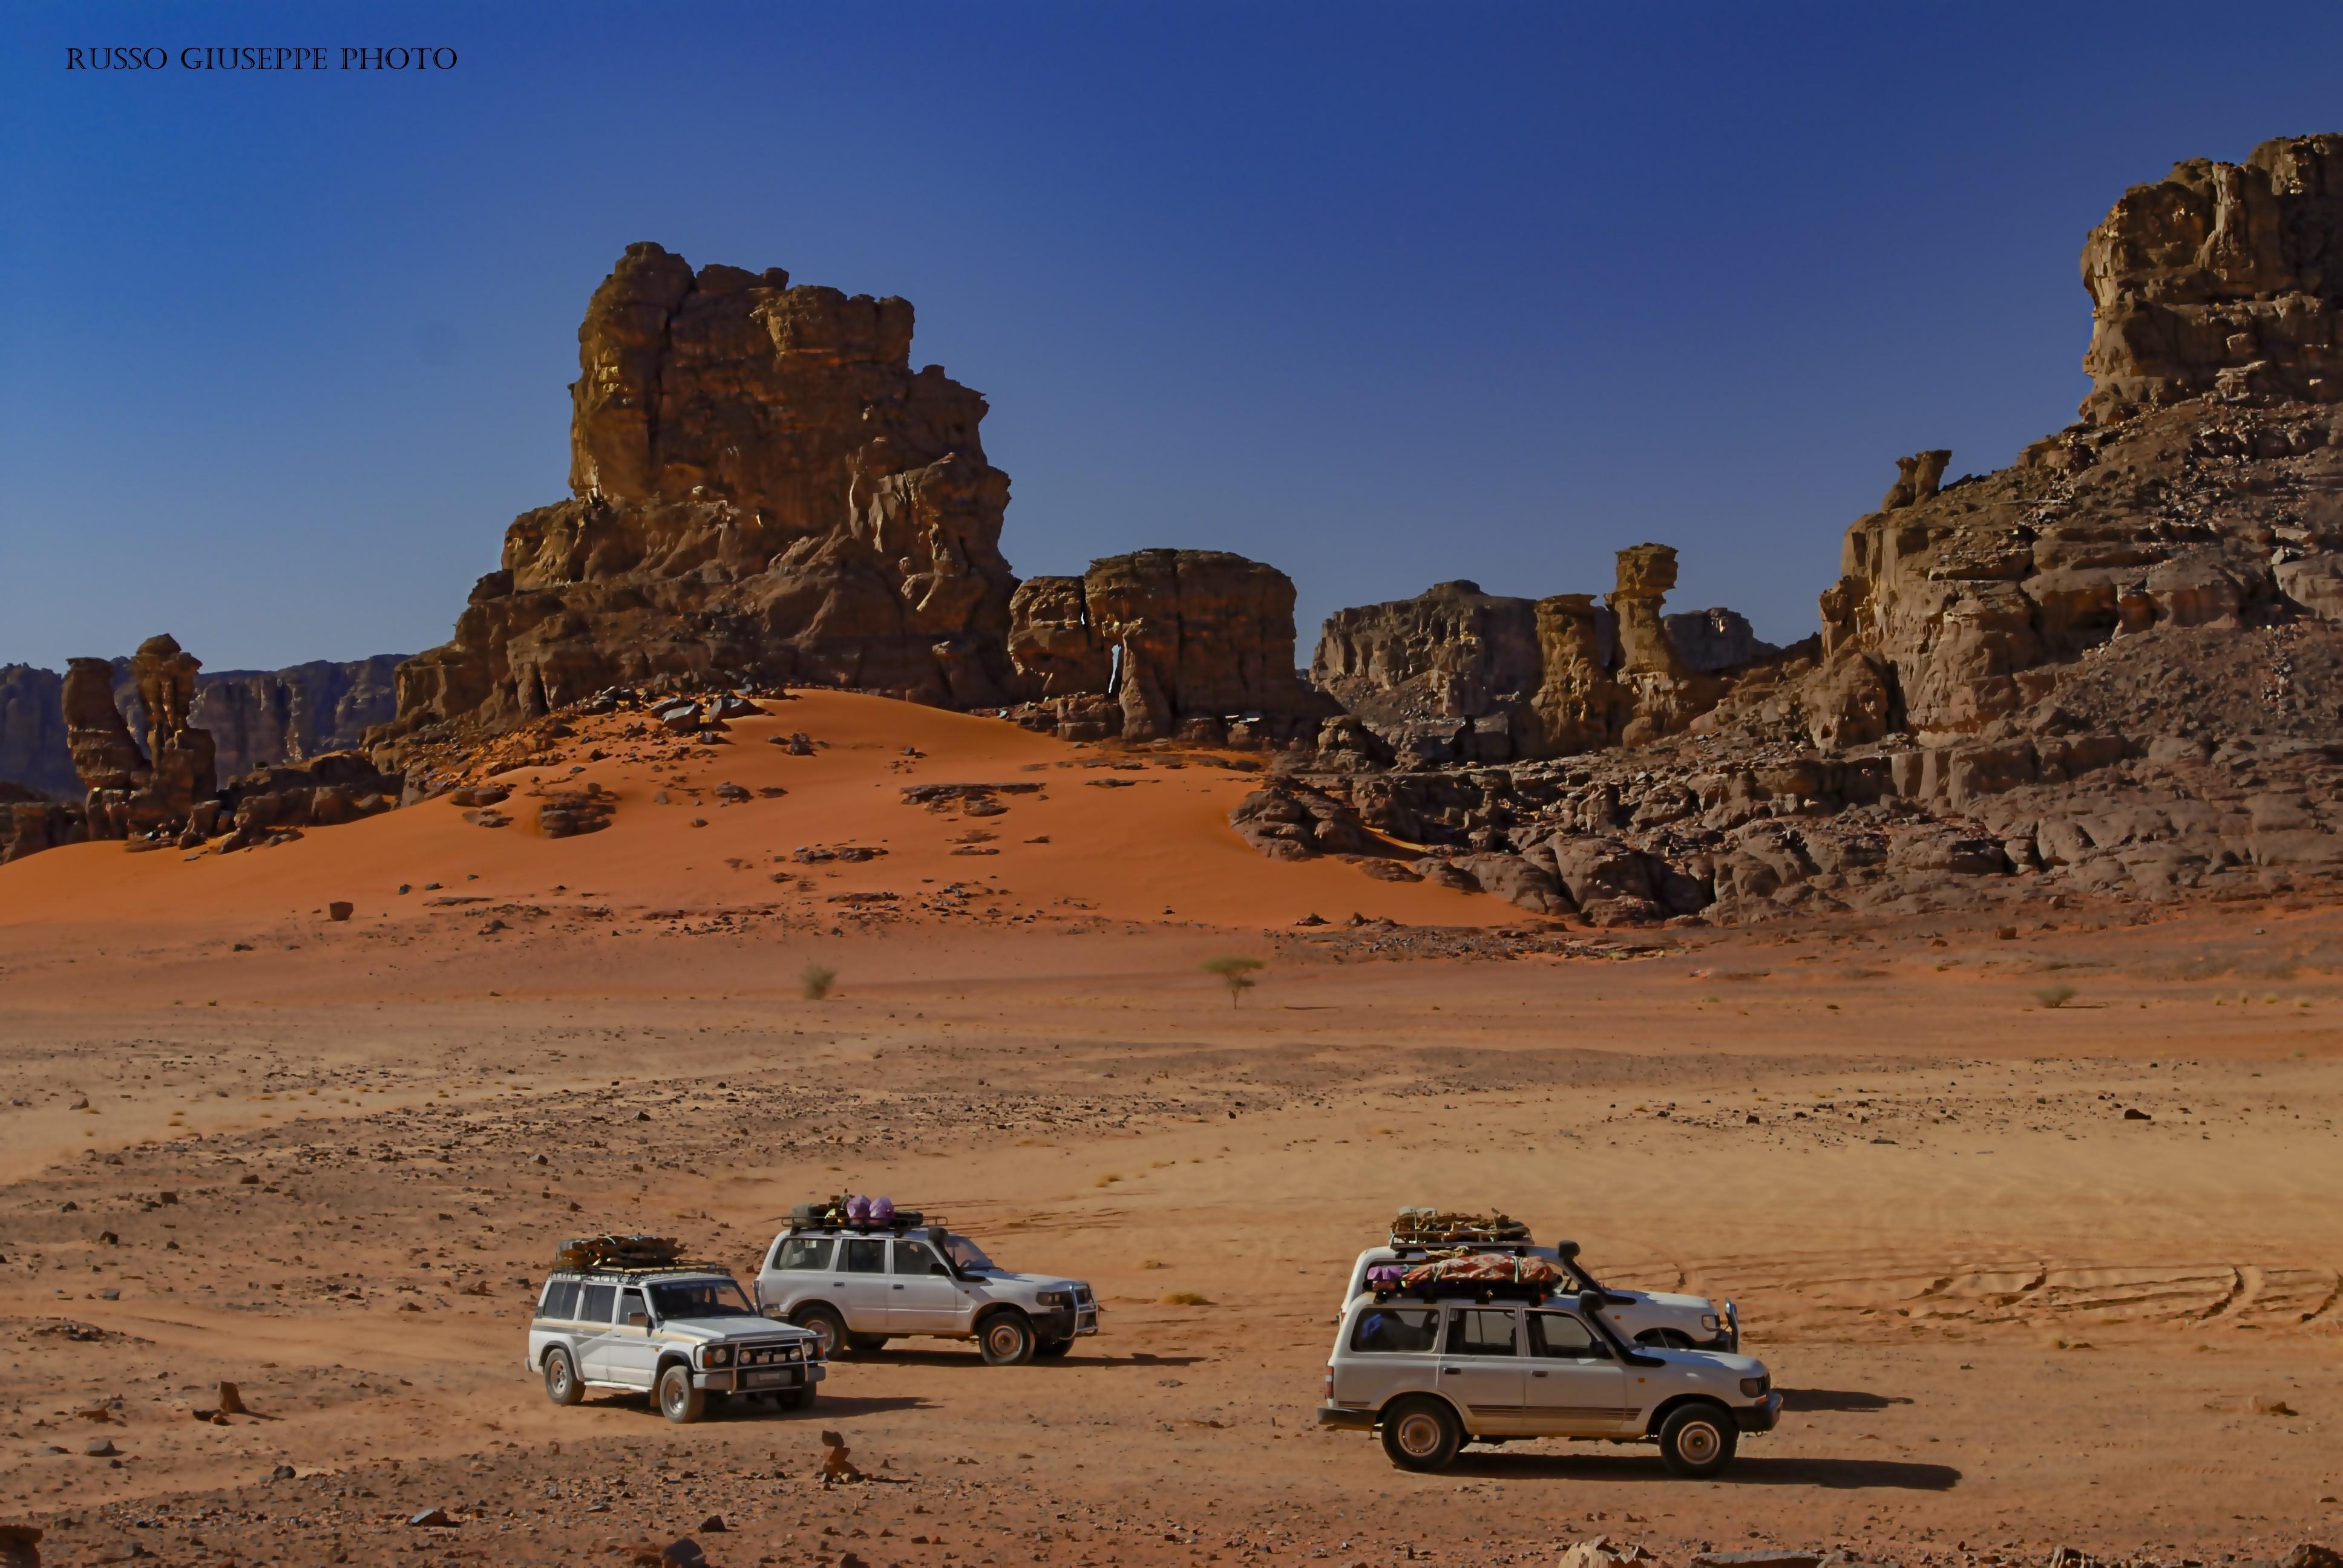 ALGERIA 7